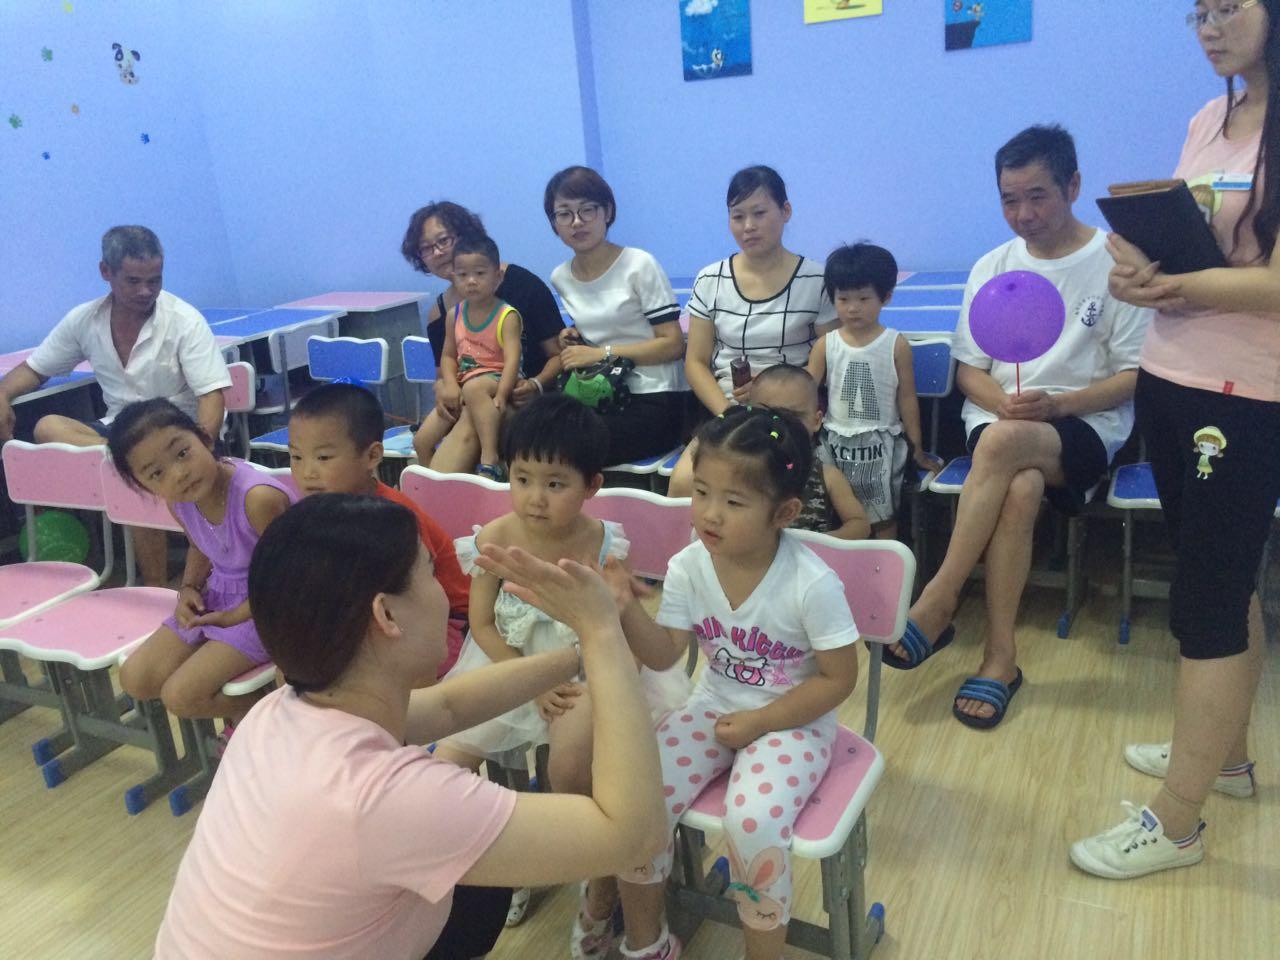 上海课后辅导培训班行业前景怎么样